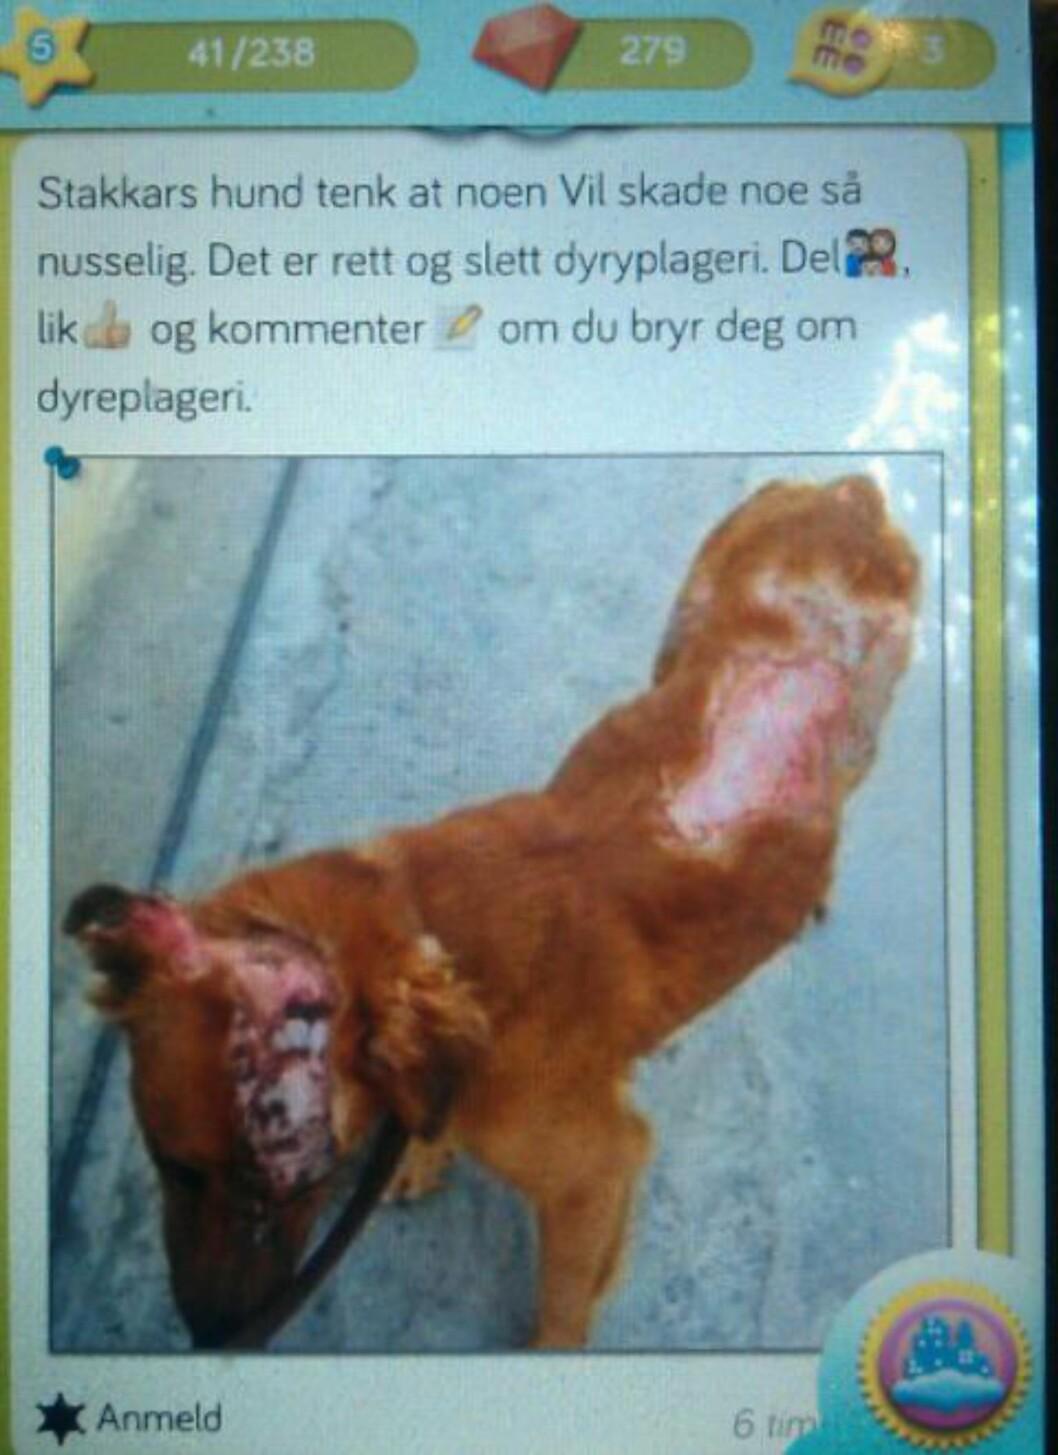 <strong>DYREMISHANDLING:</strong> «Tenk at noen vil skade noe så nusselig», skriver et barn på Momio, over et bilde av en stygt mishandlet hund. Skjermdump: Momio